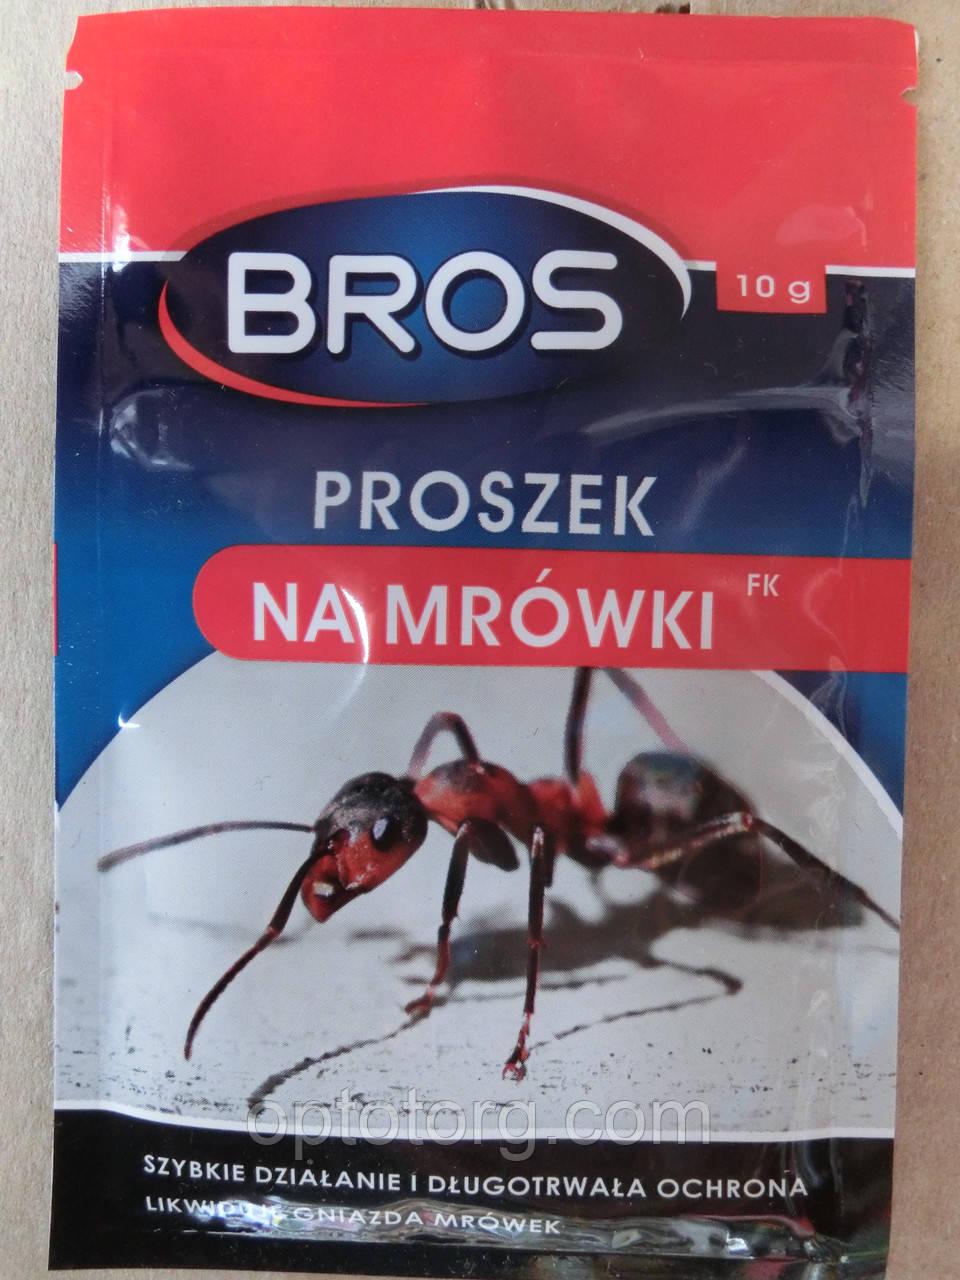 От муравьев 10 гр Брос оригинал